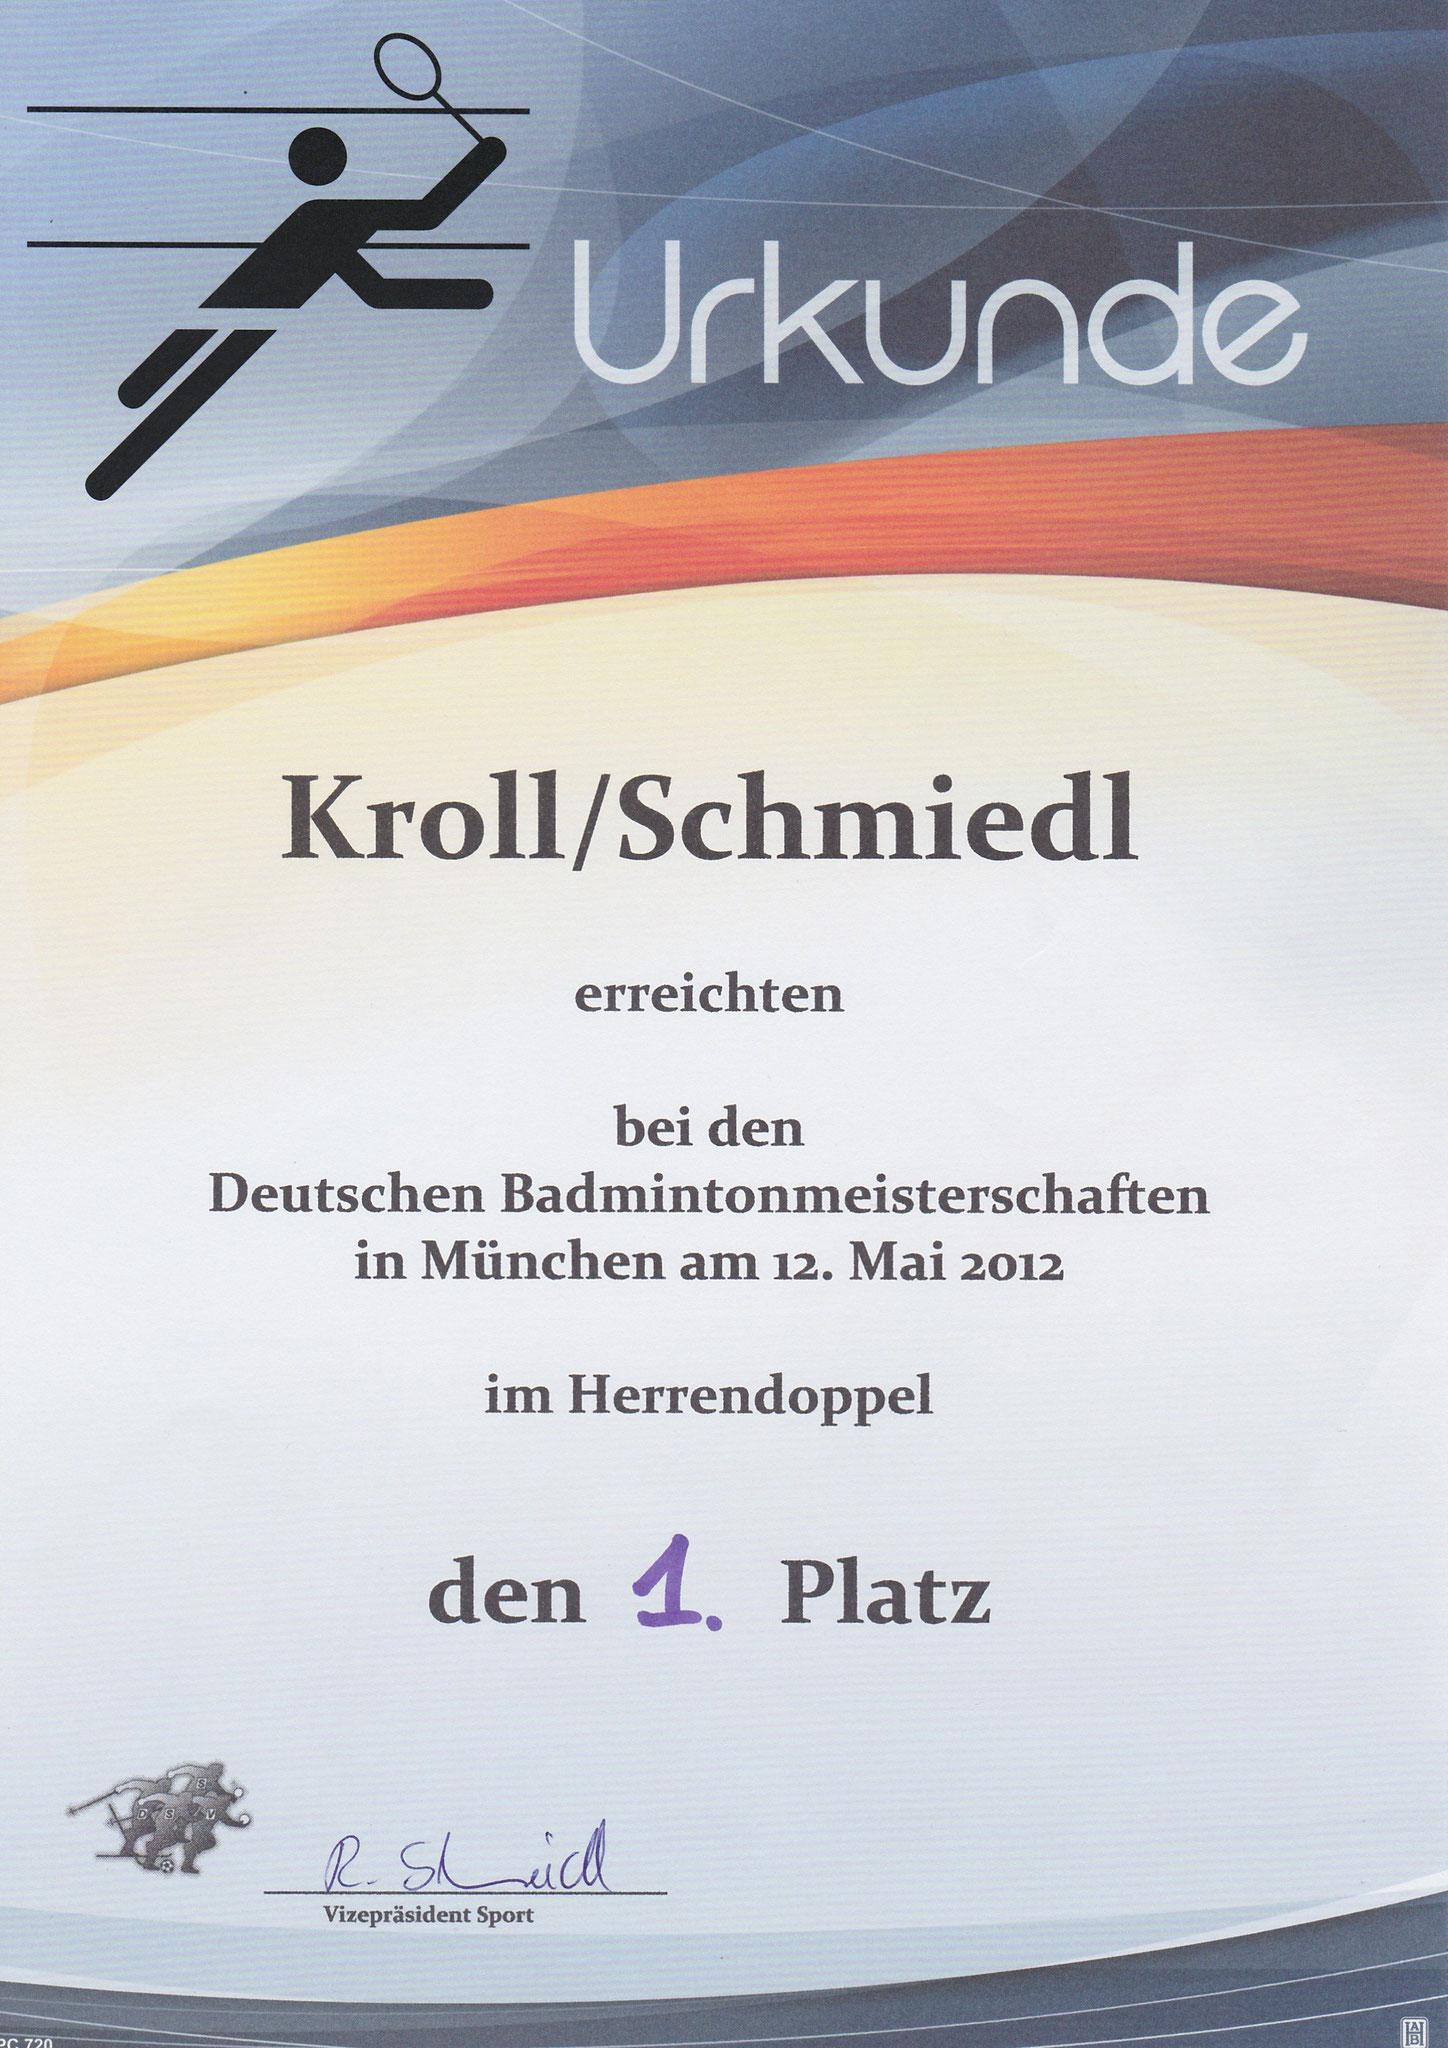 Urkunde Herrendoppel 1. Platz DSSV DM München 2012